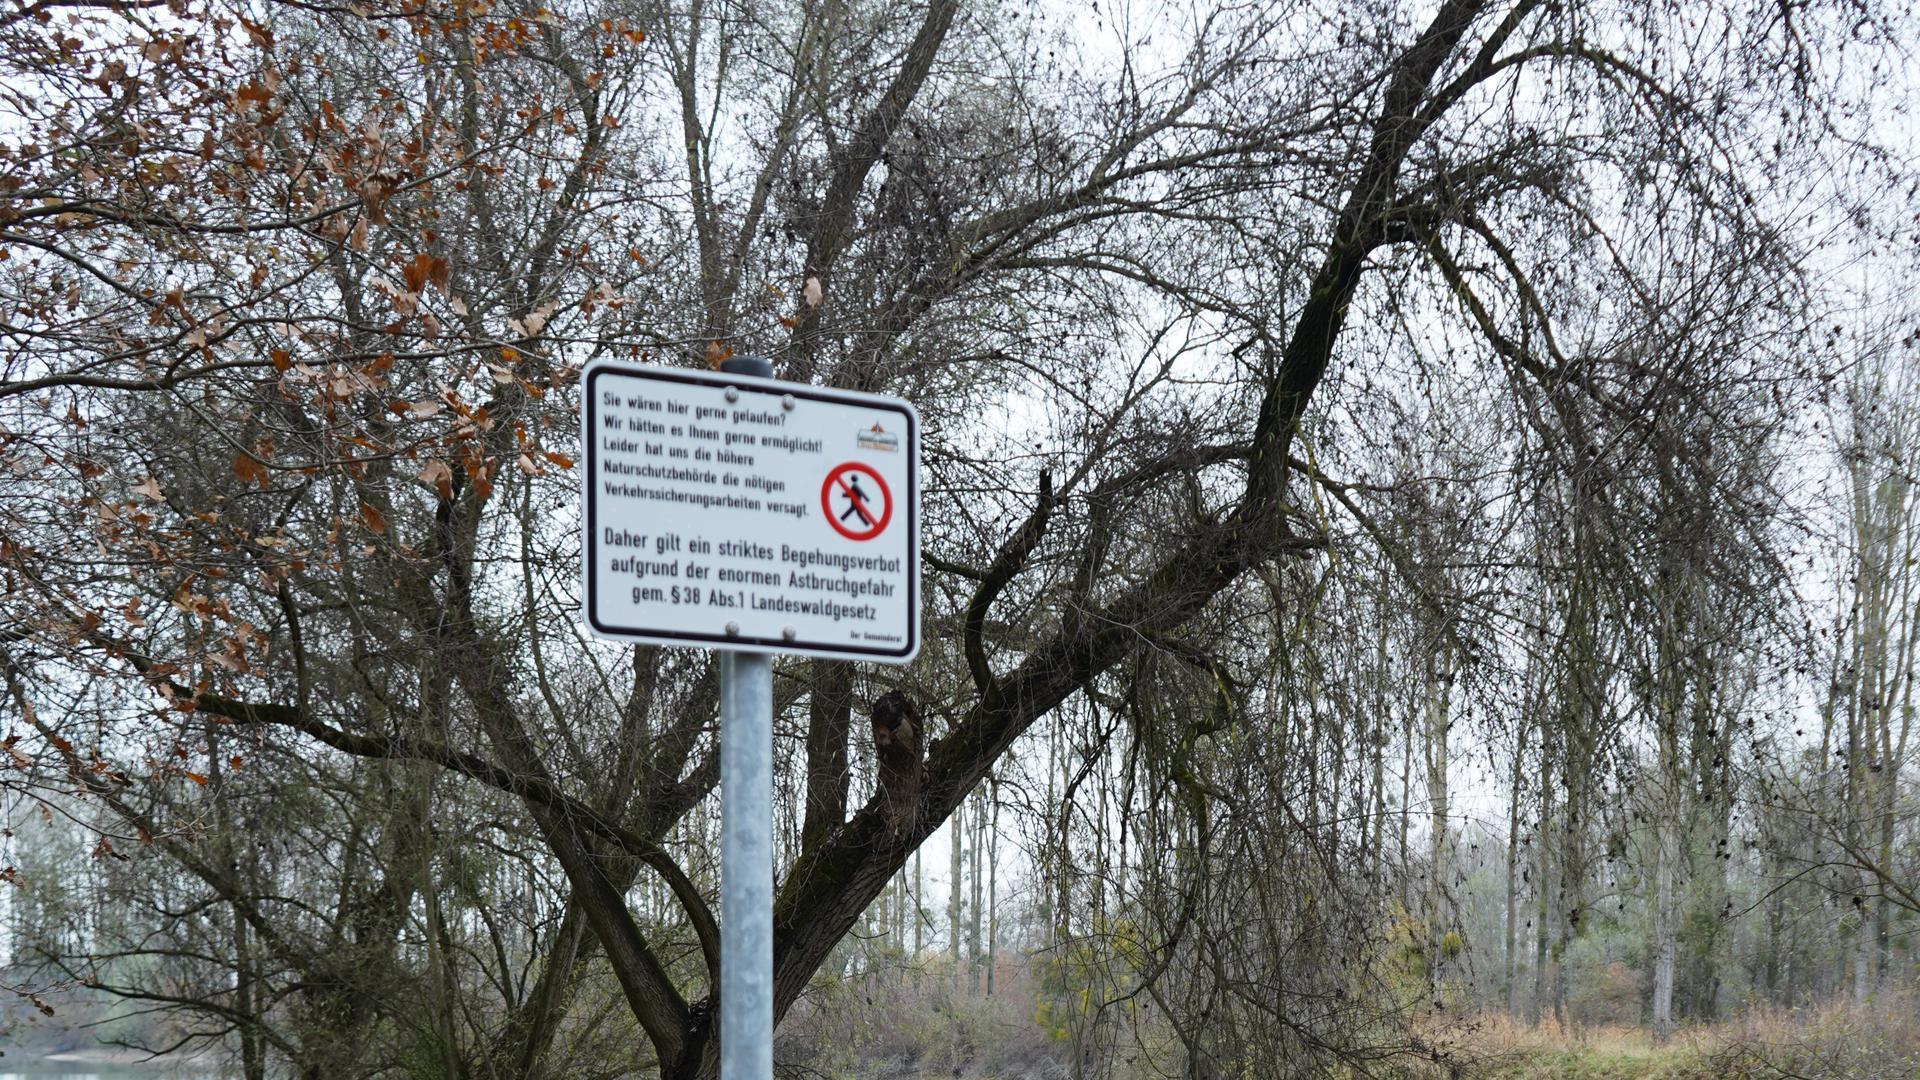 Schild am Anfang eines Weges, Bäume und ein Gewässer im Hintergrund und Laub auf dem Weg.